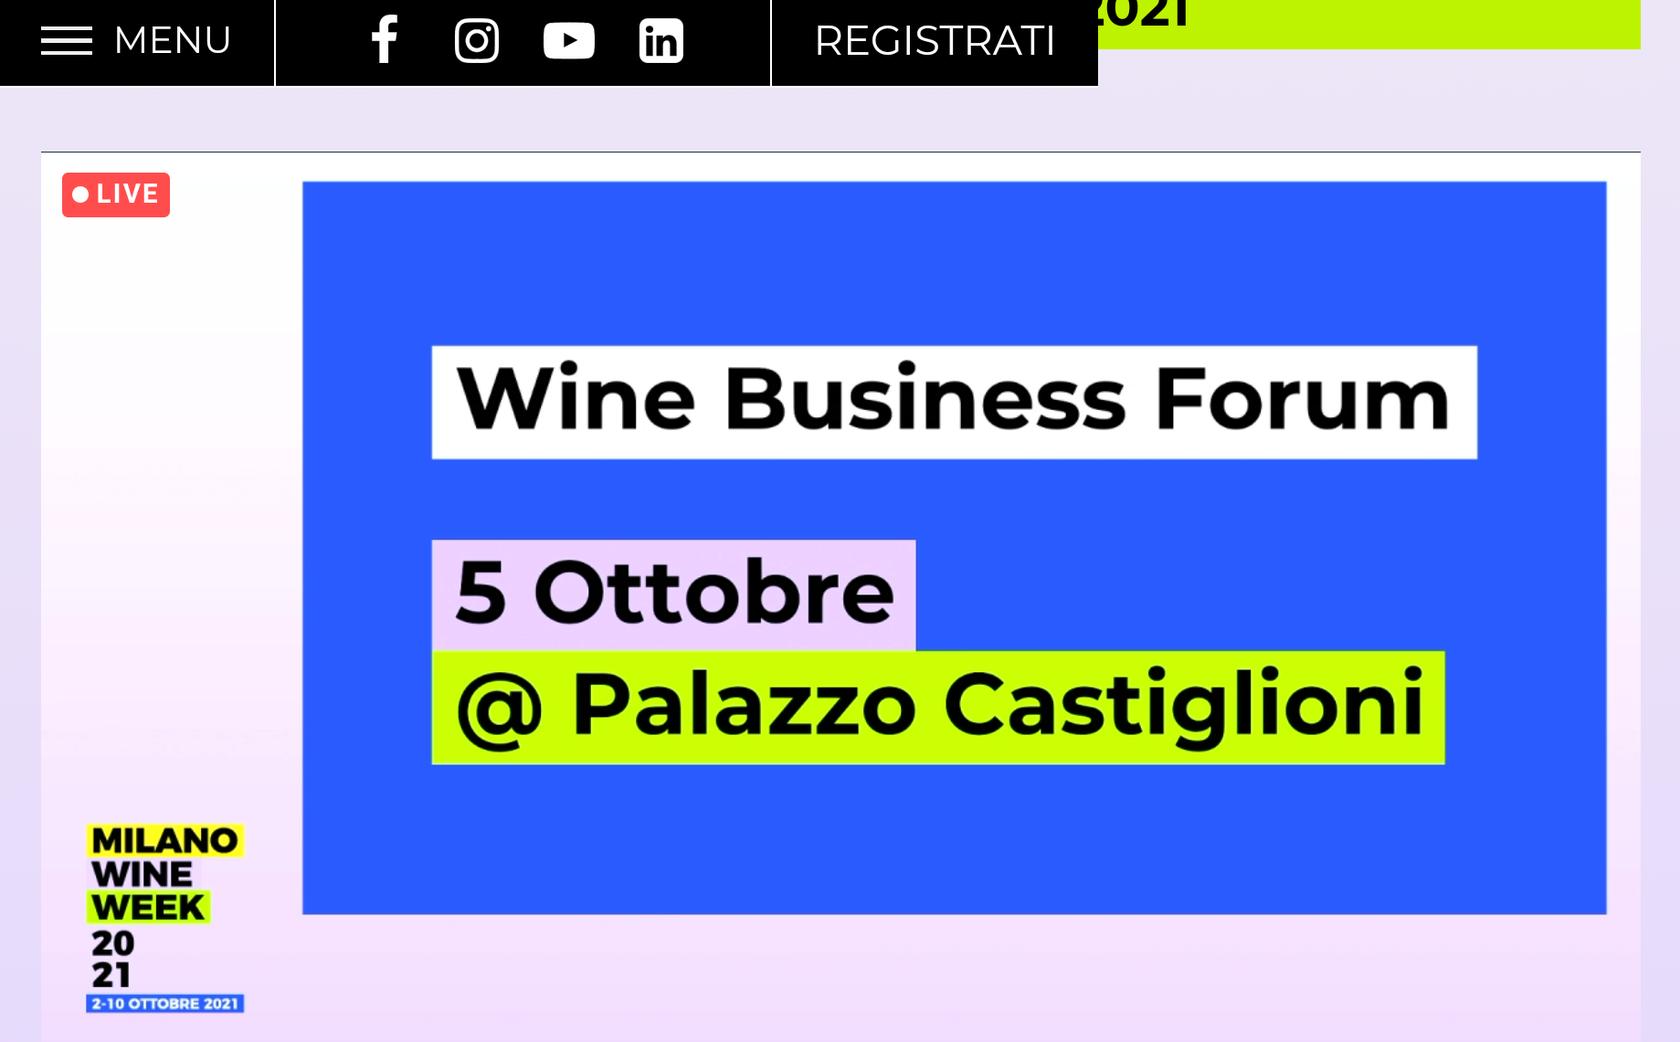 Wine Business Forum MWW 2021